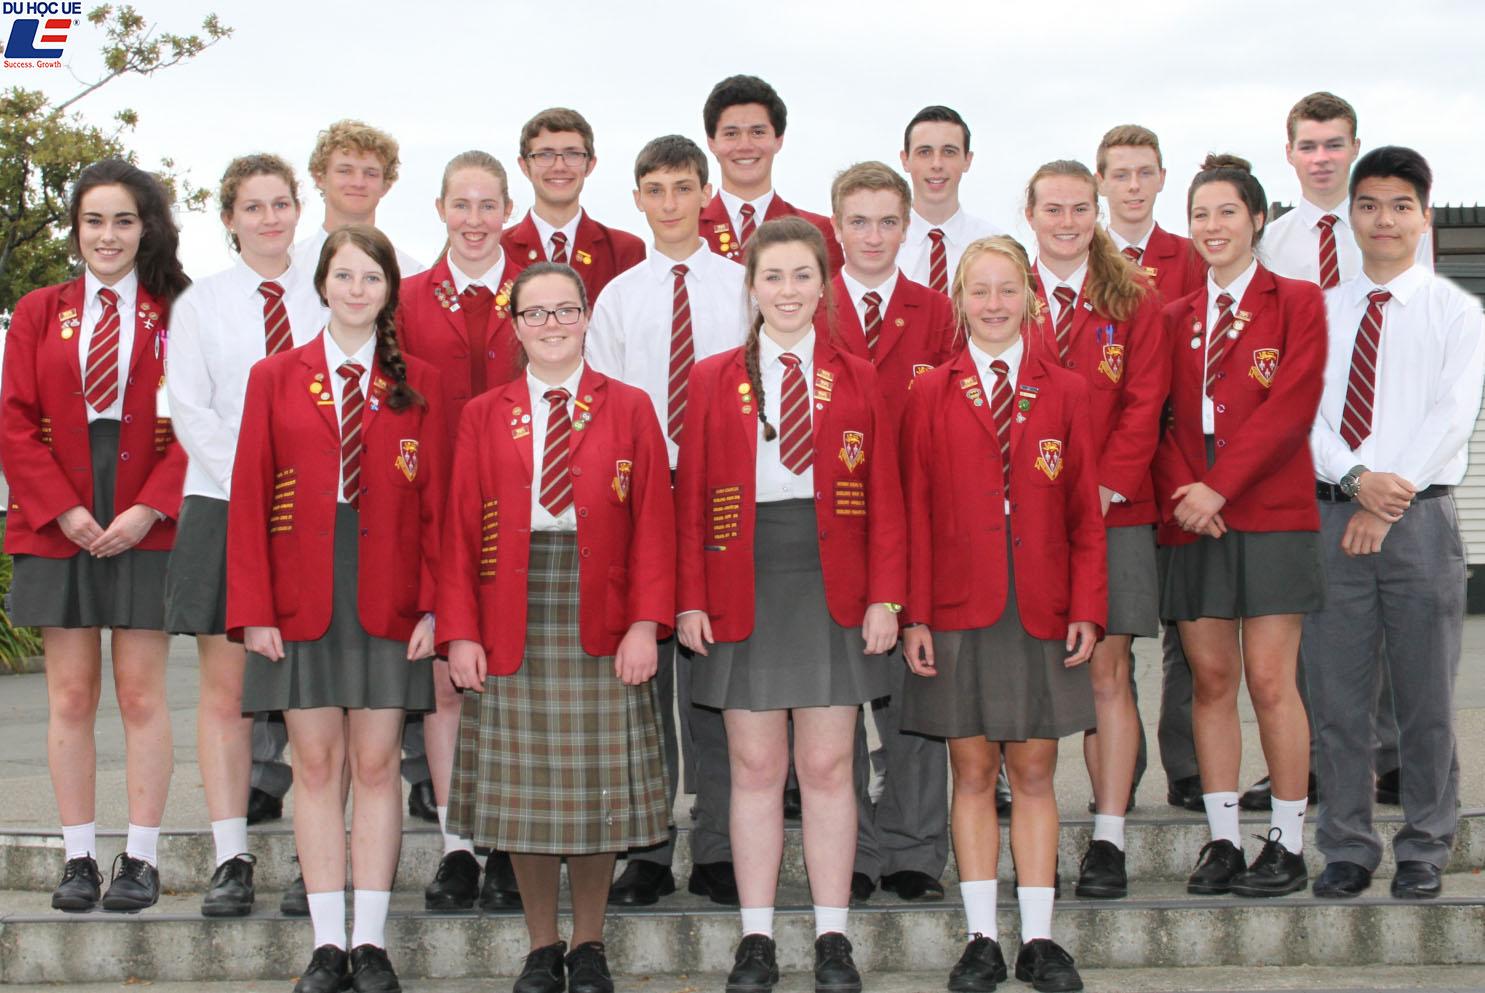 Học bổng hấp dẫn của chính phủ New Zealand dành cho chương trình trung học phổ thông vào trường James Hargest College